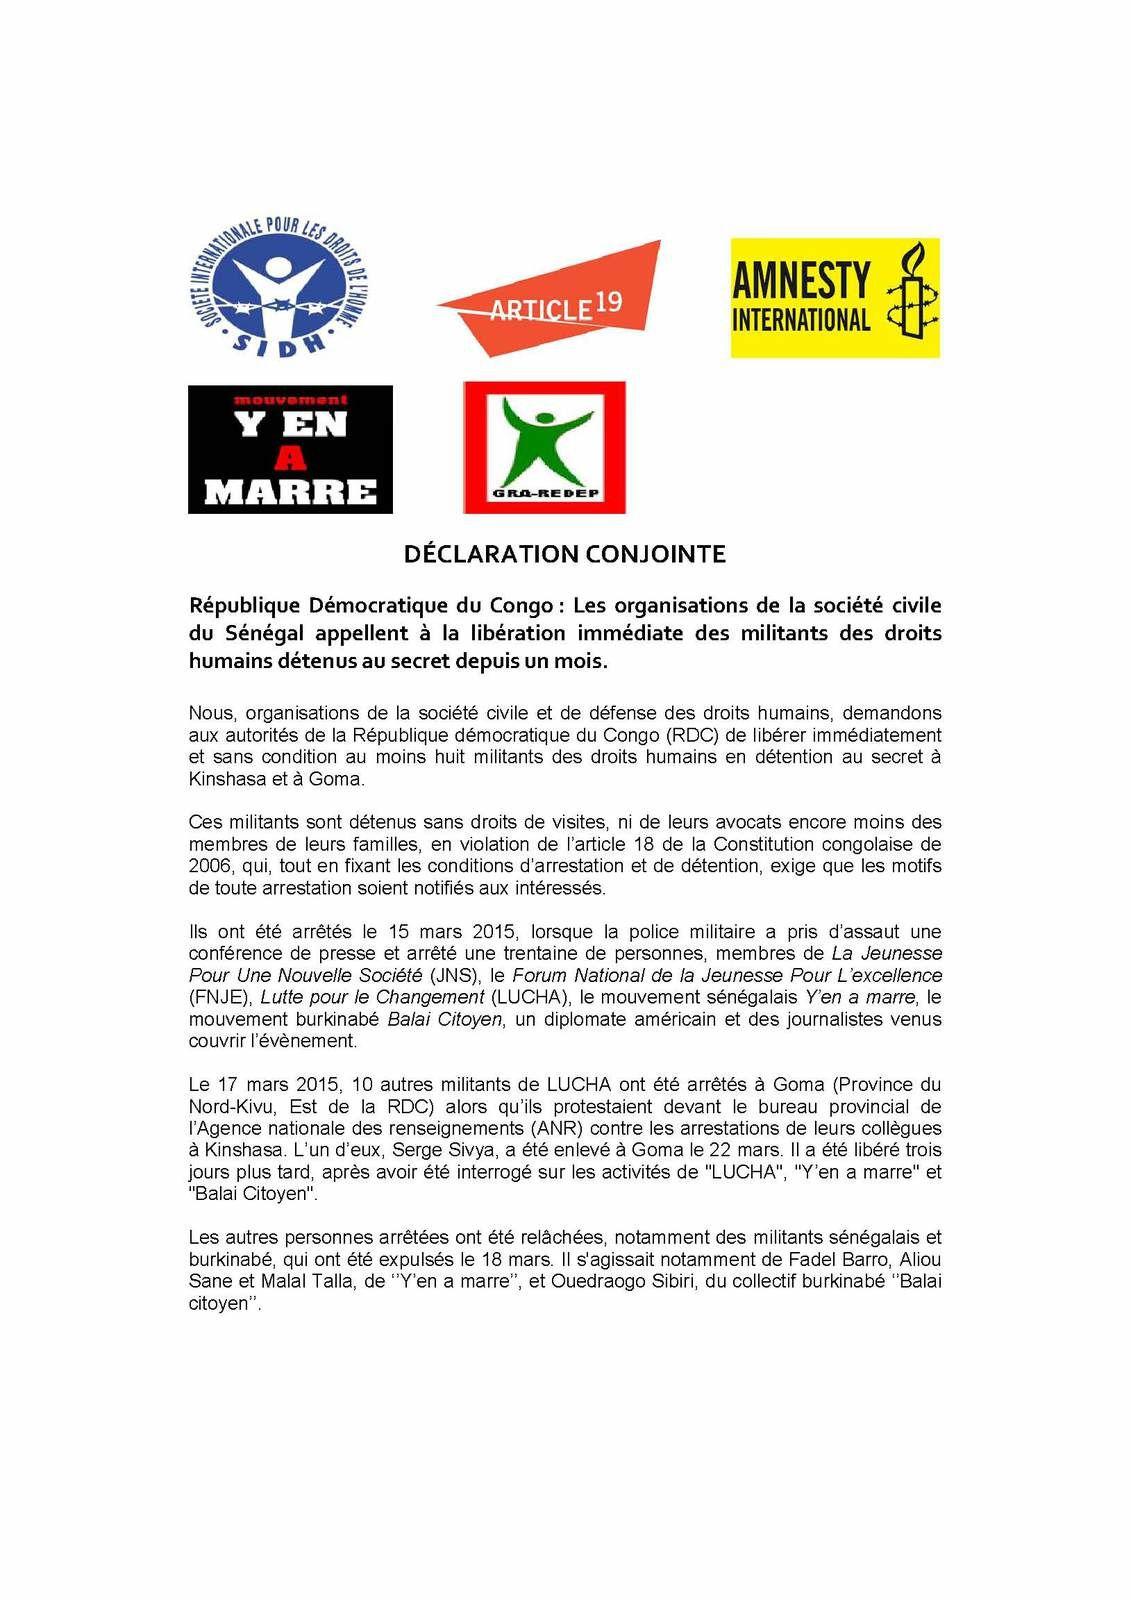 Des militants des droits humains détenus en RDC: les ONG appellent à Dakar à leur libération